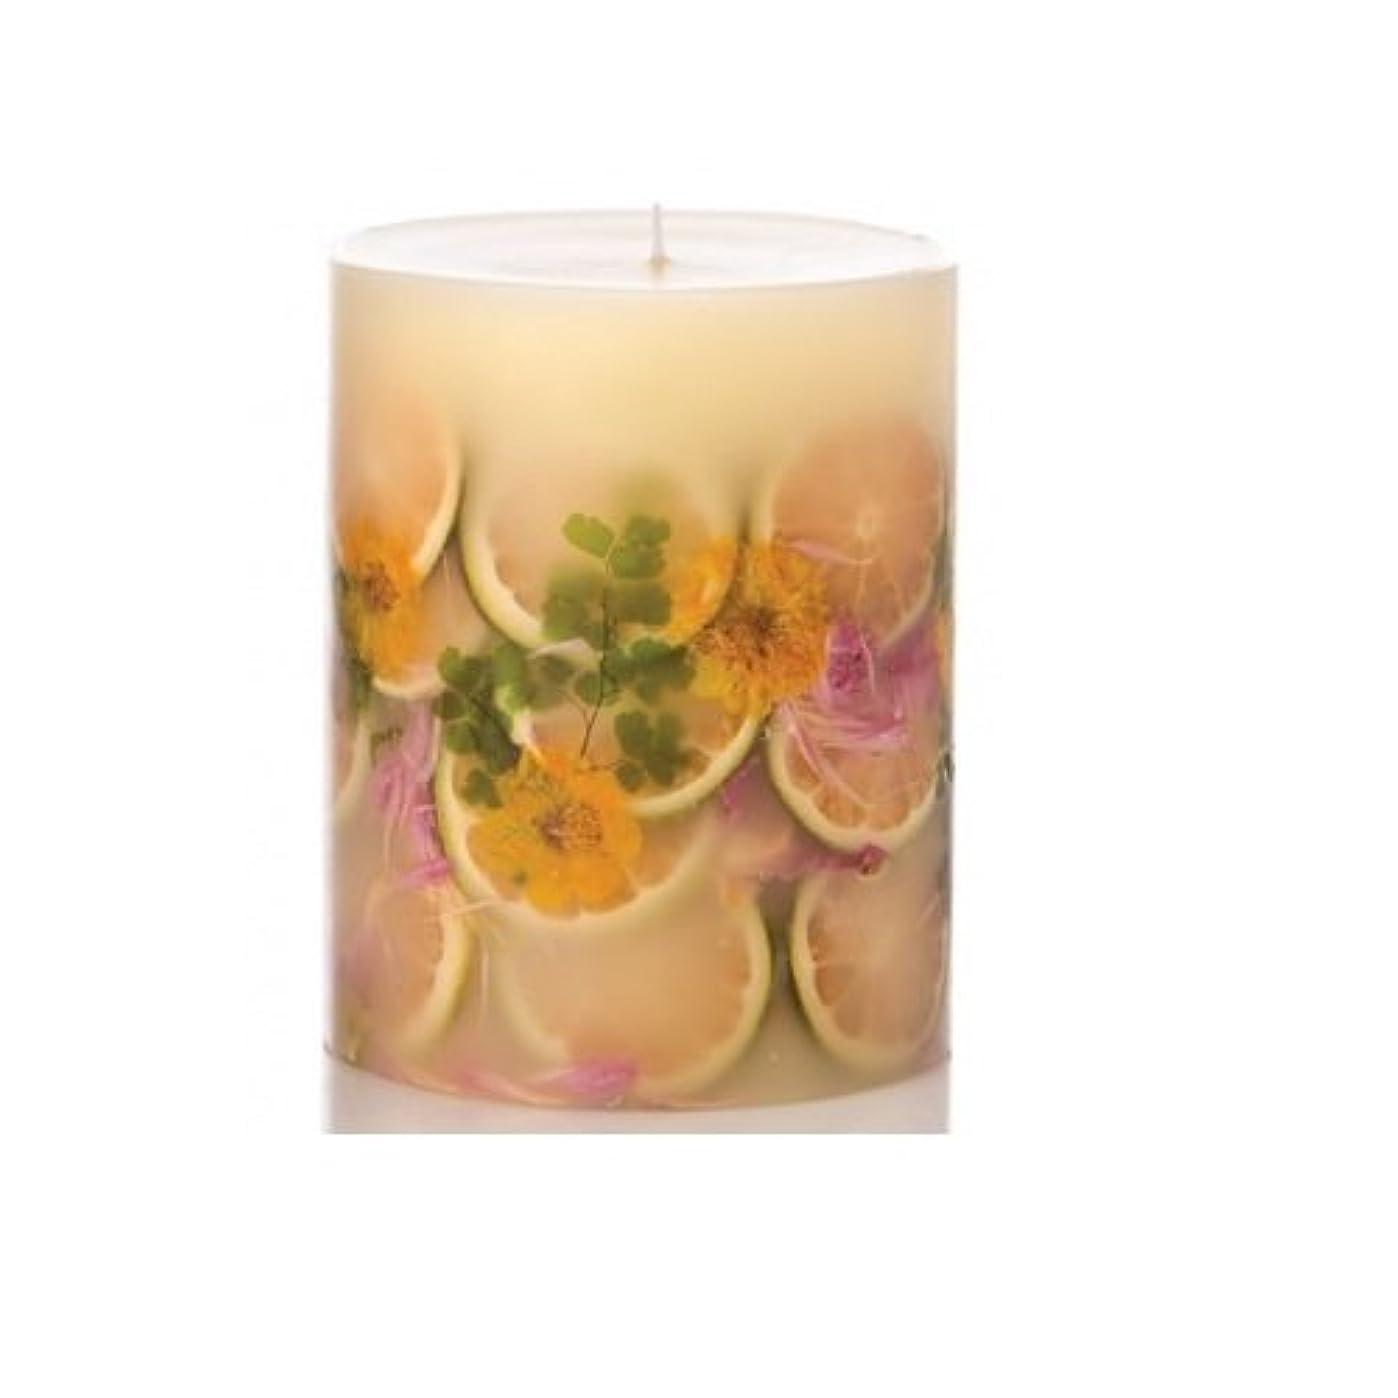 どっちひいきにする発揮するRosy Rings Lemon Blossom & Lycheeトールラウンド香りのキャンドル、5